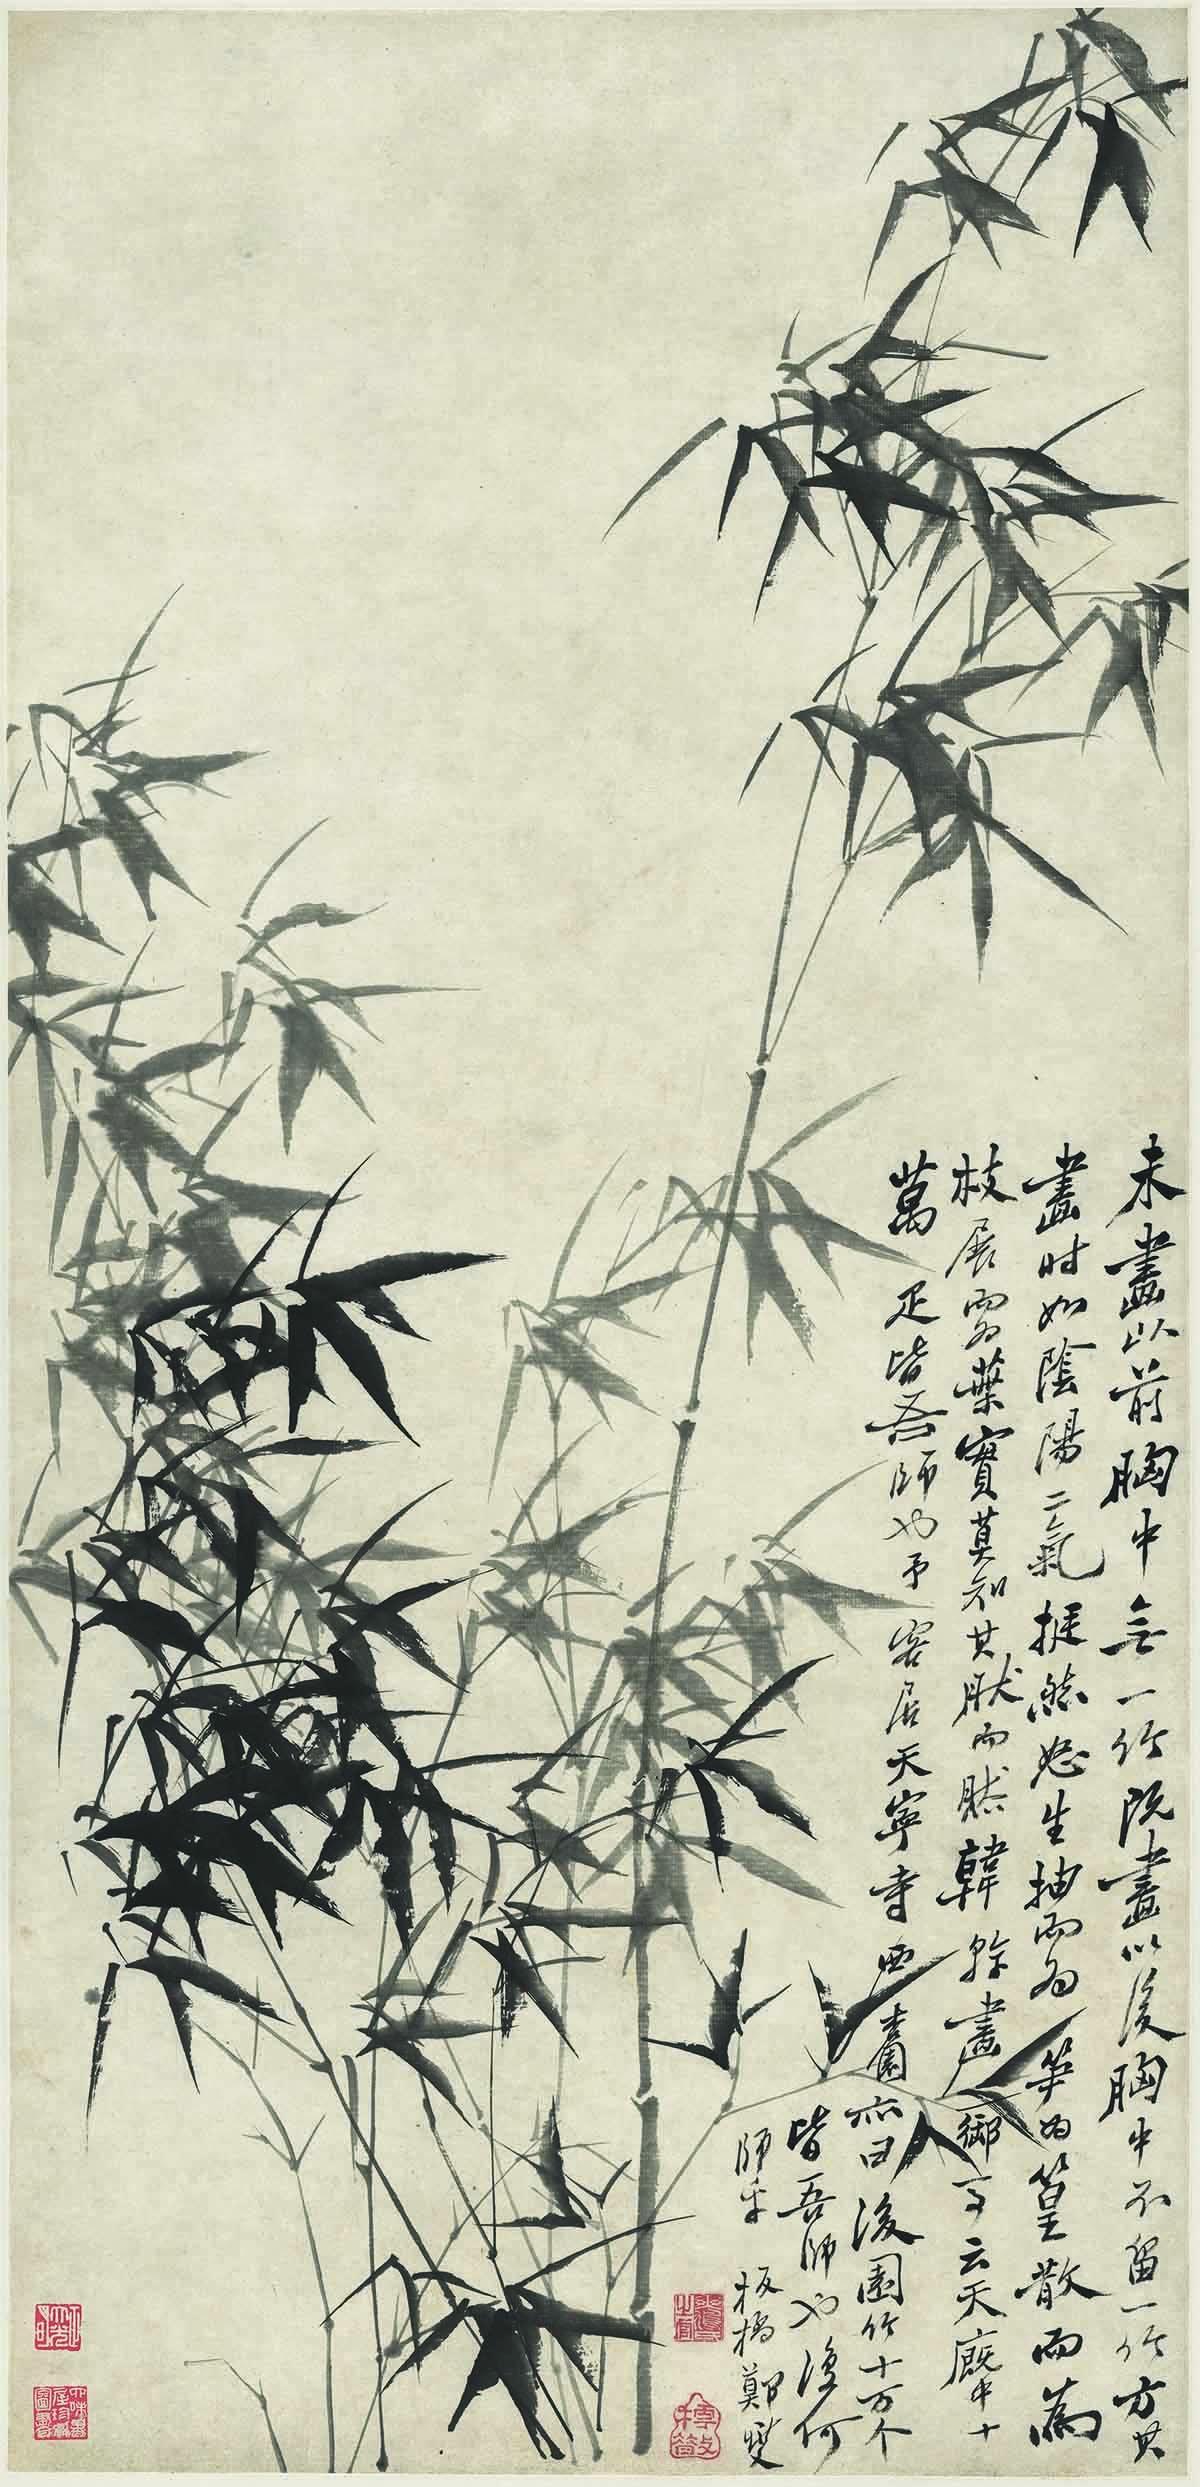 清 郑板桥 风竹石图 纸本 65.7x136.1